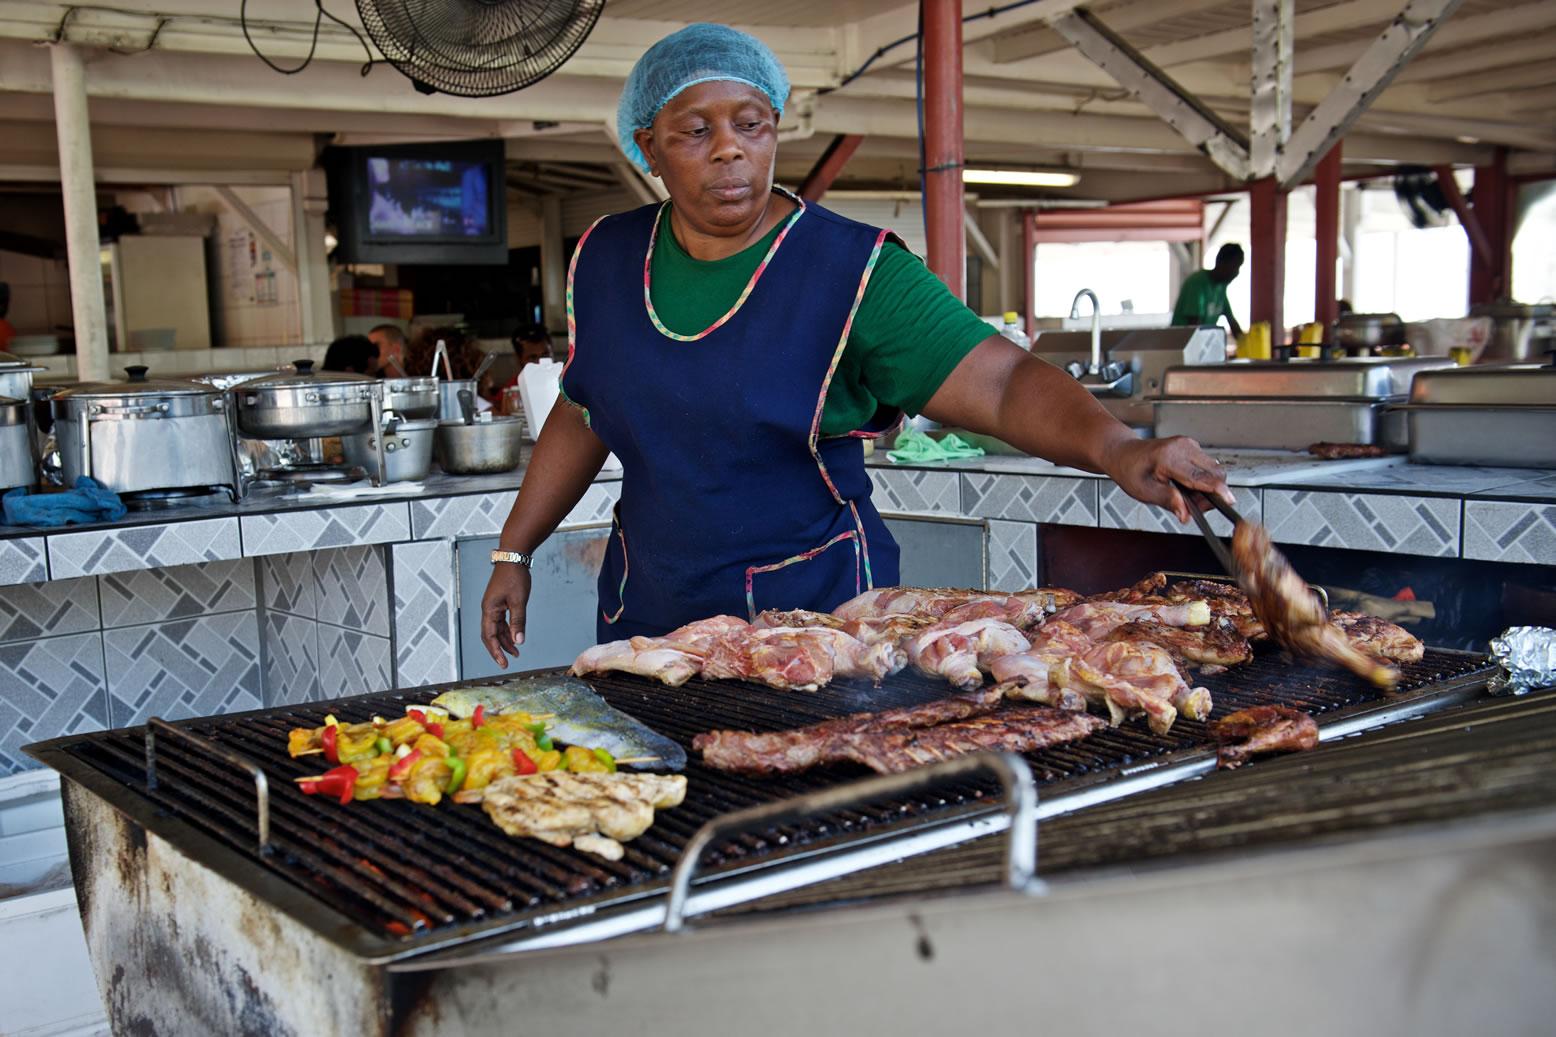 Proef een portie malse ribs of gegrilde vis in de 'culinaire hoofdstad van de Caribbean'